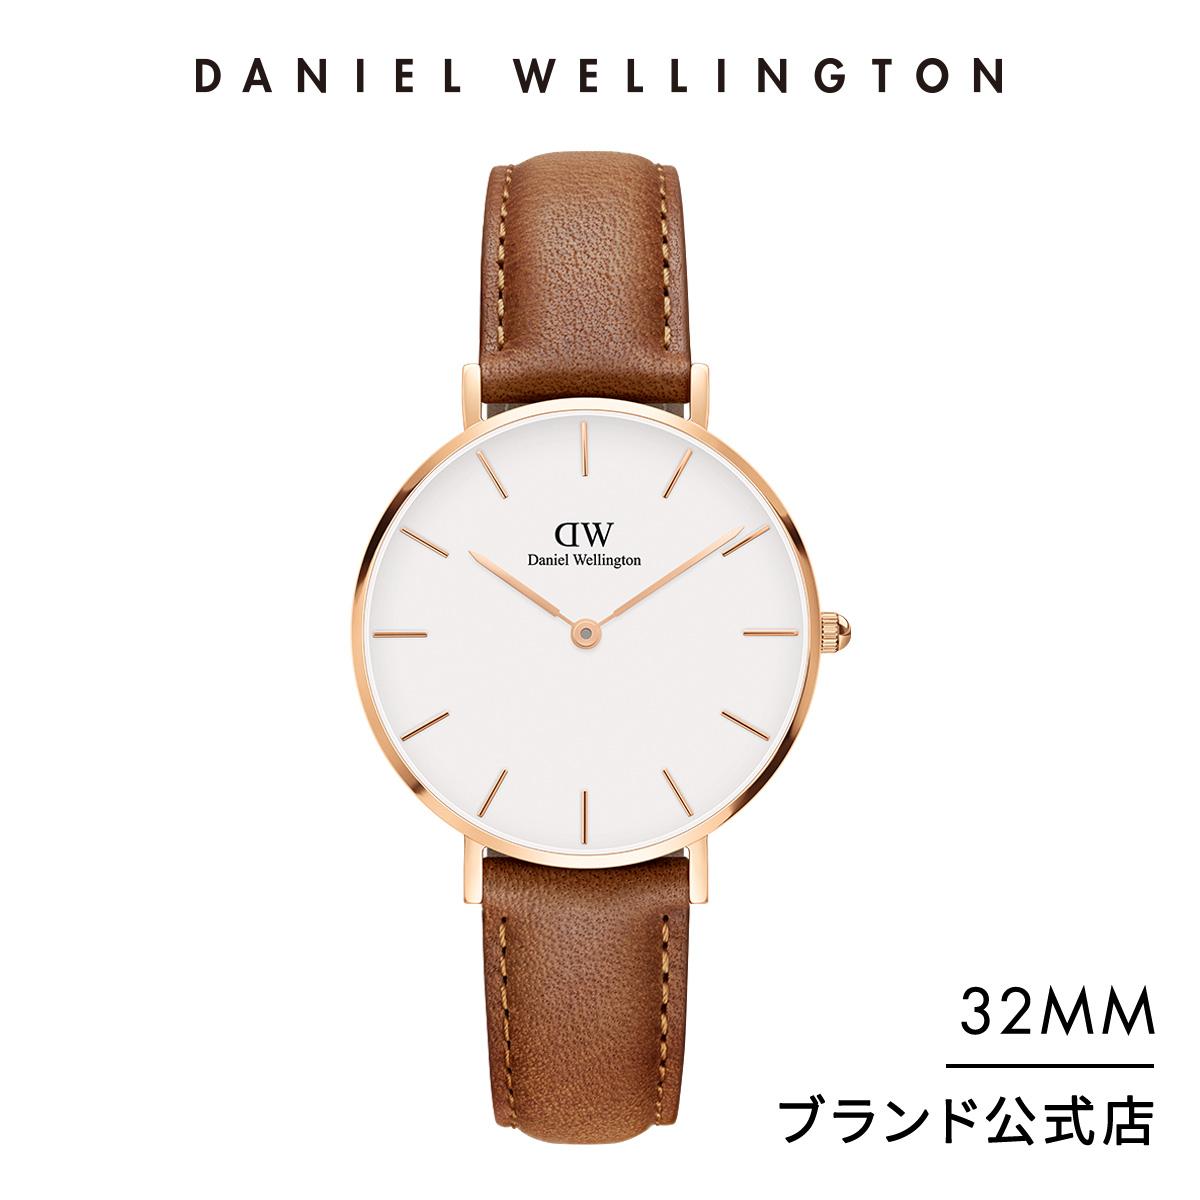 【公式2年保証/送料無料】ダニエルウェリントン公式 レディース 腕時計 Petite Durham 32mm 革 ベルト クラシック ぺティート ダラム DW プレゼント おしゃれ インスタ映え ブランド 彼女 彼氏 ペアスタイルに最適 ウォッチ 母の日